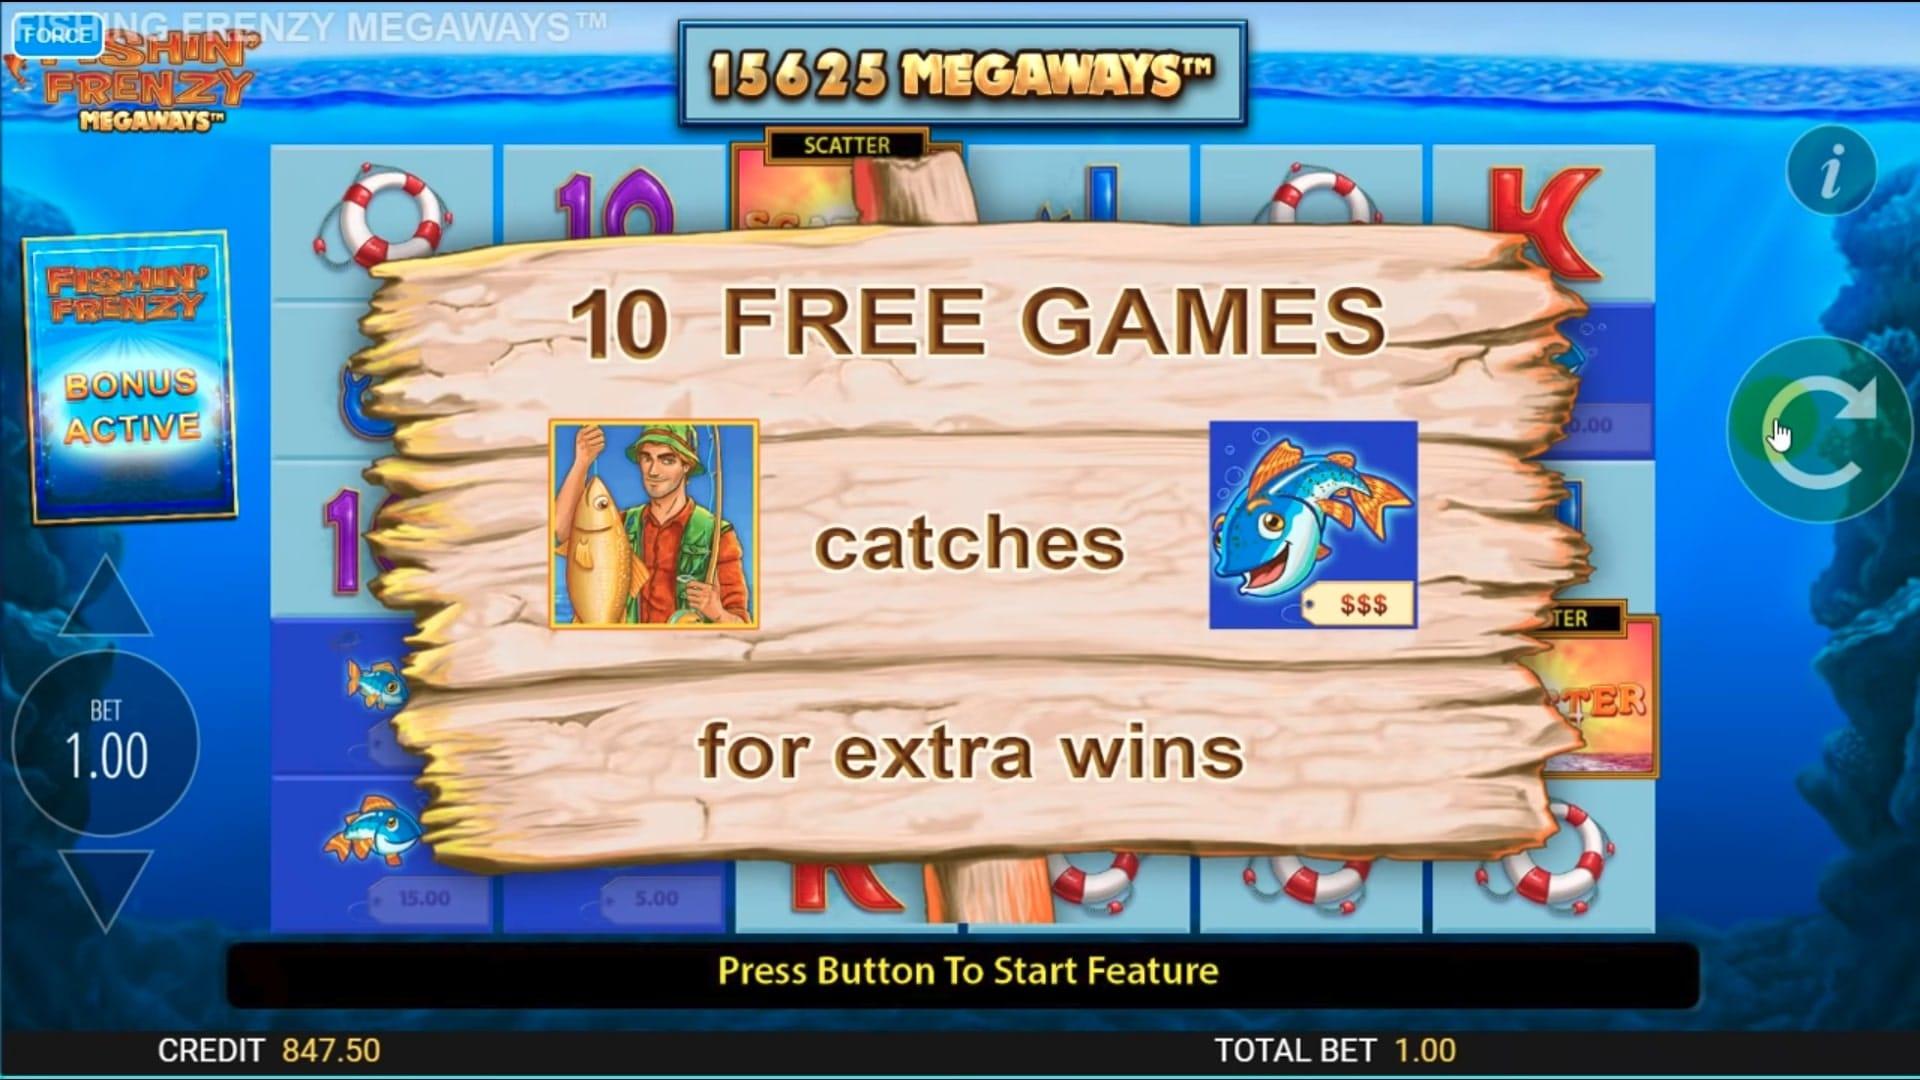 Fishin' Frenzy MegaWays Bonus Games